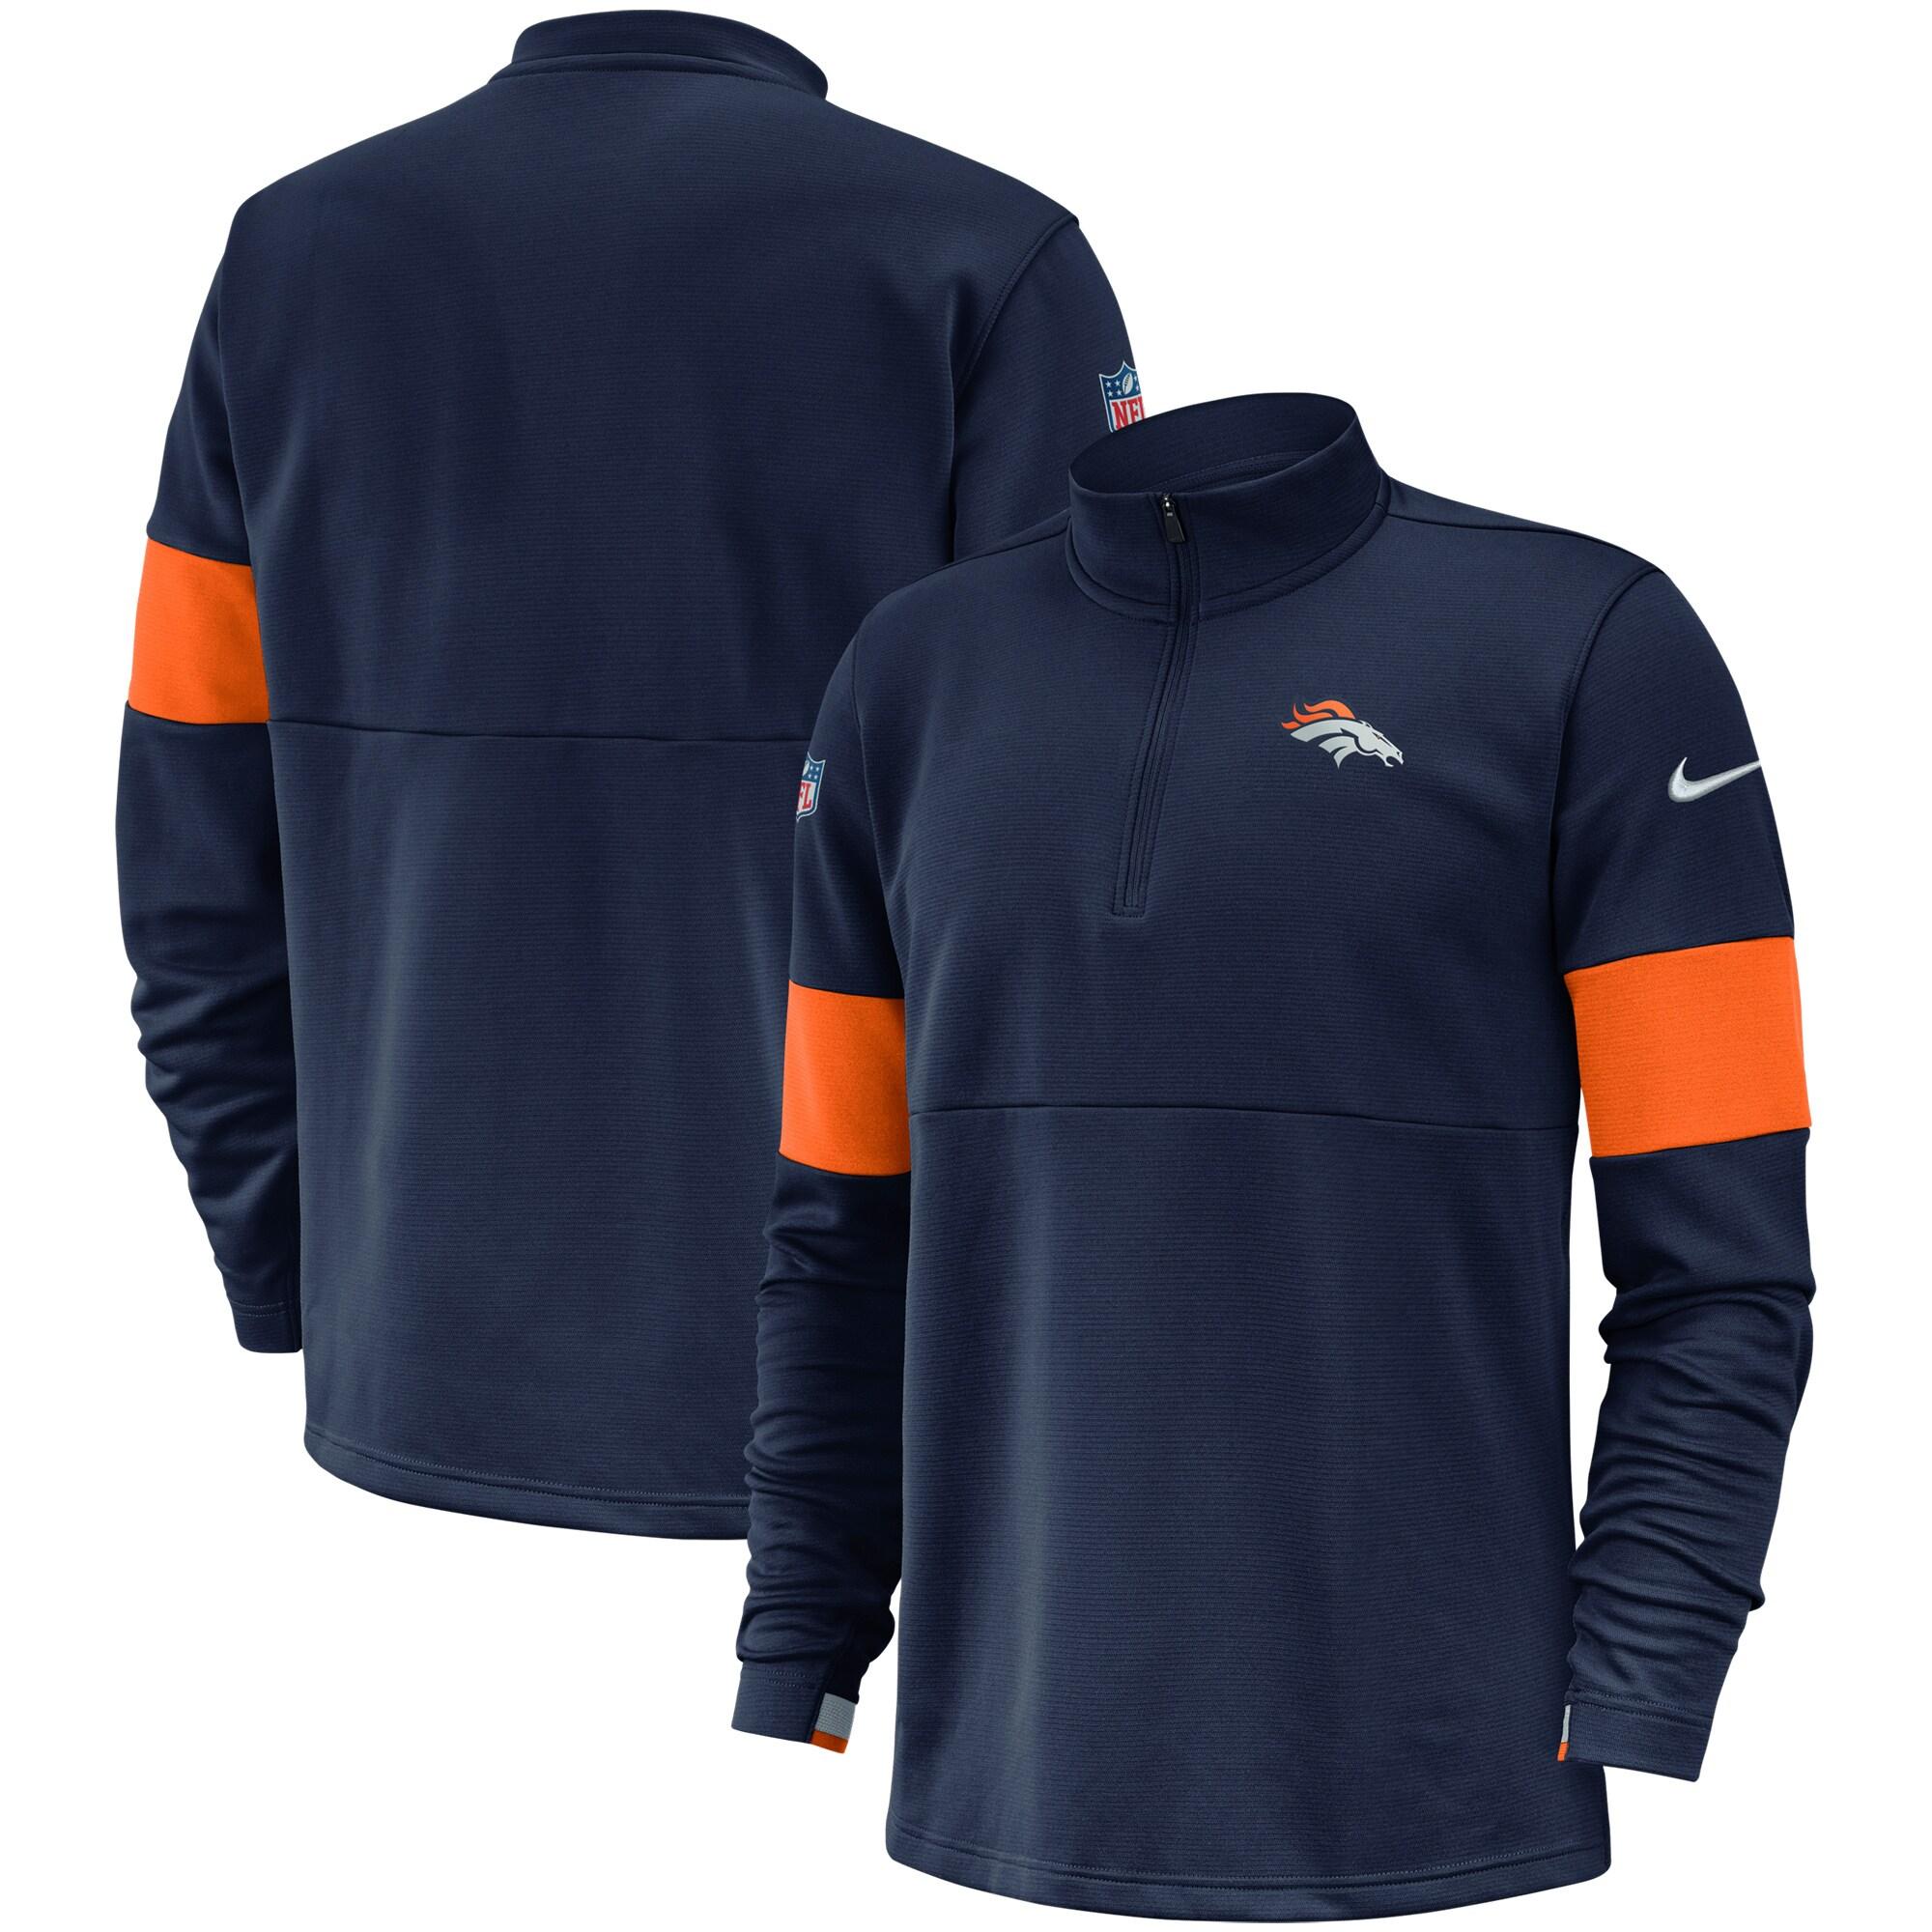 Denver Broncos Nike Sideline Performance Half-Zip Pullover Jacket - Navy